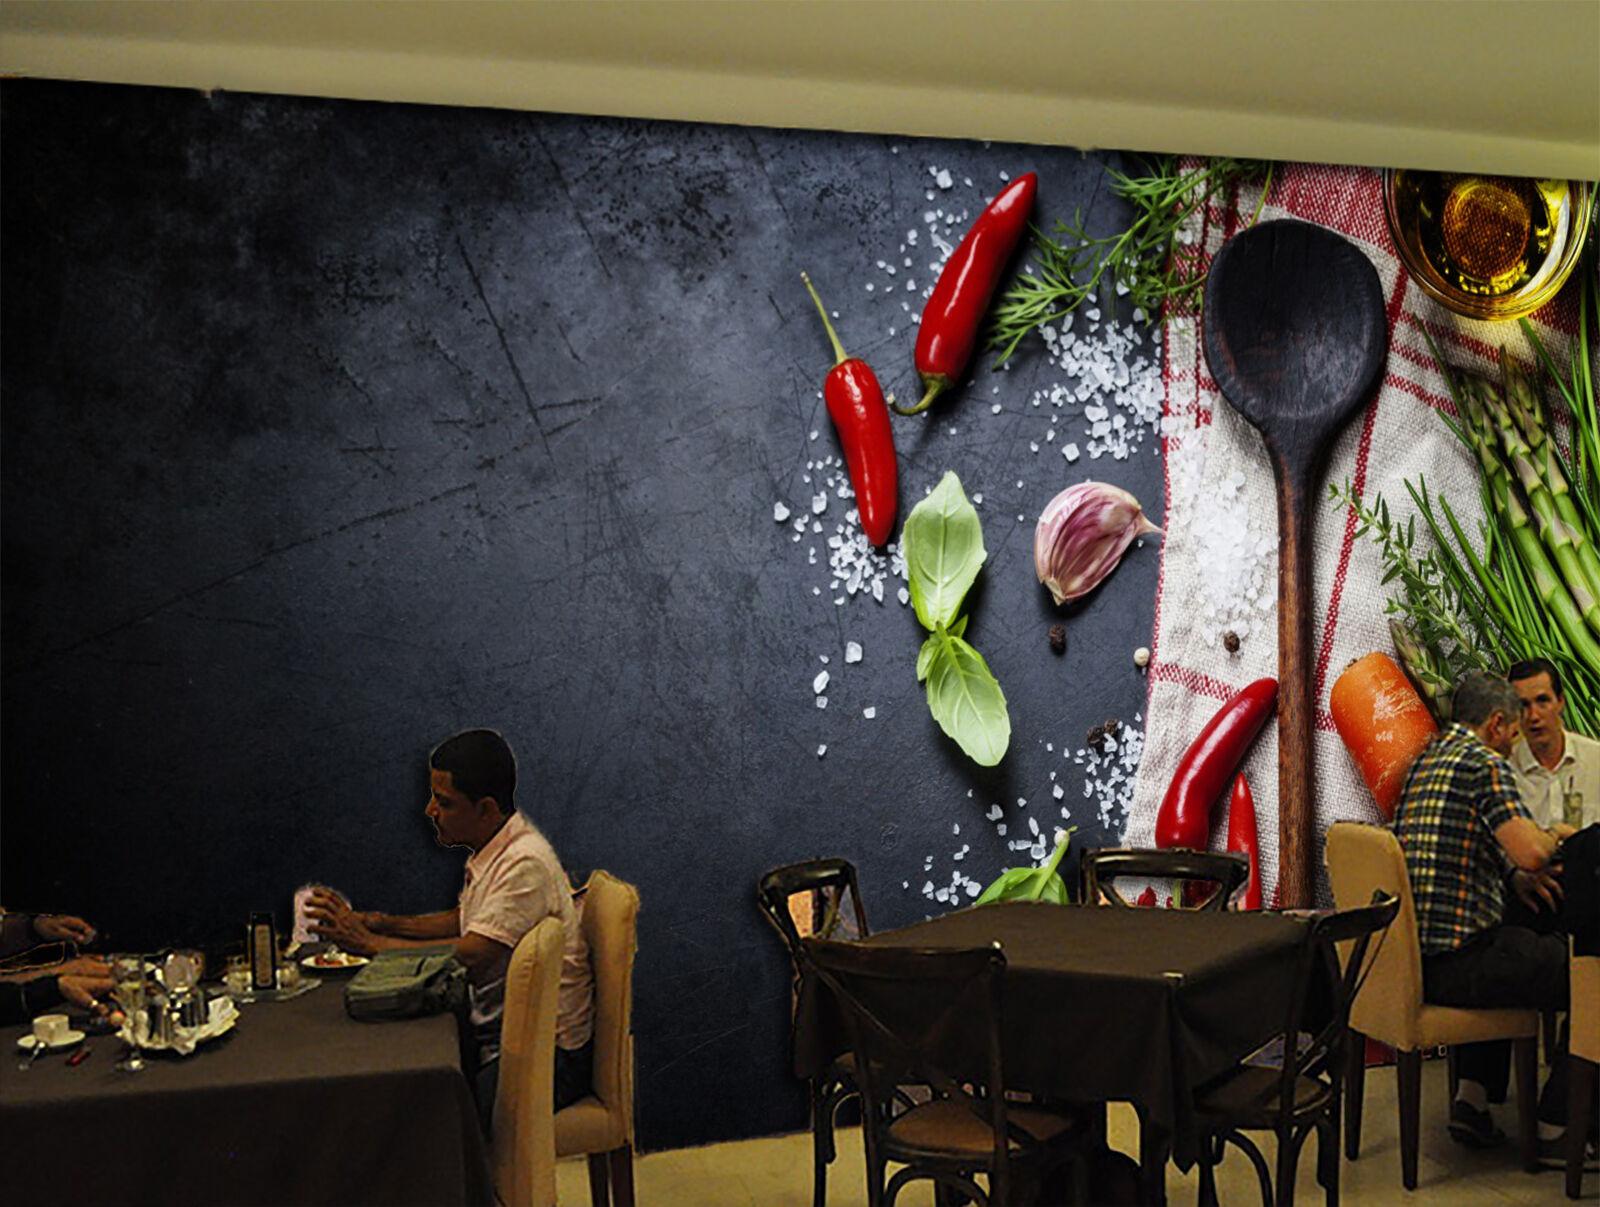 3D Fresh Vegetables 025 WallPaper Murals Wall Print Decal Wall Deco AJ WALLPAPER